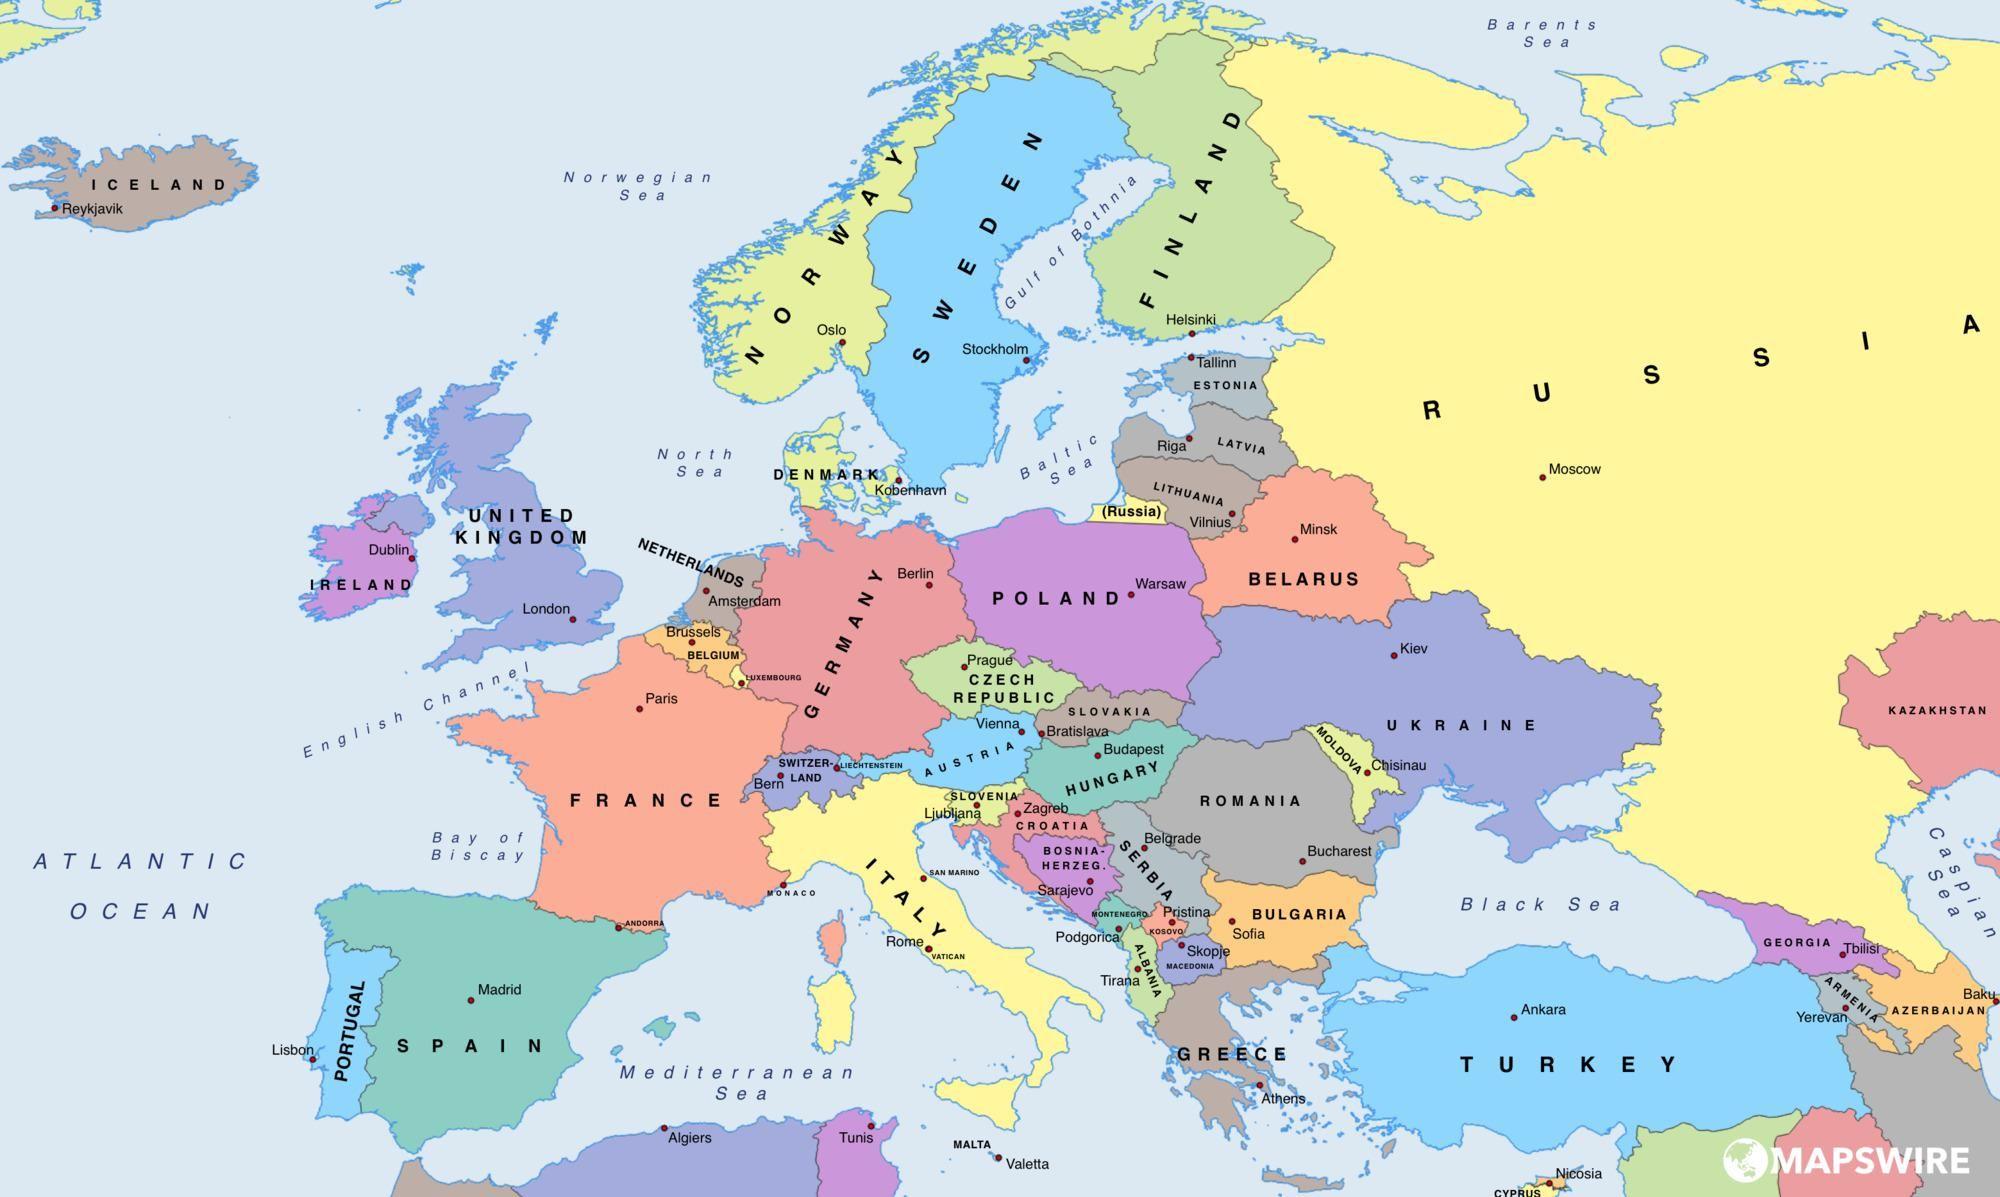 Europe political map largeg 20001197 jpg pinterest europe political map largeg 20001197 gumiabroncs Choice Image